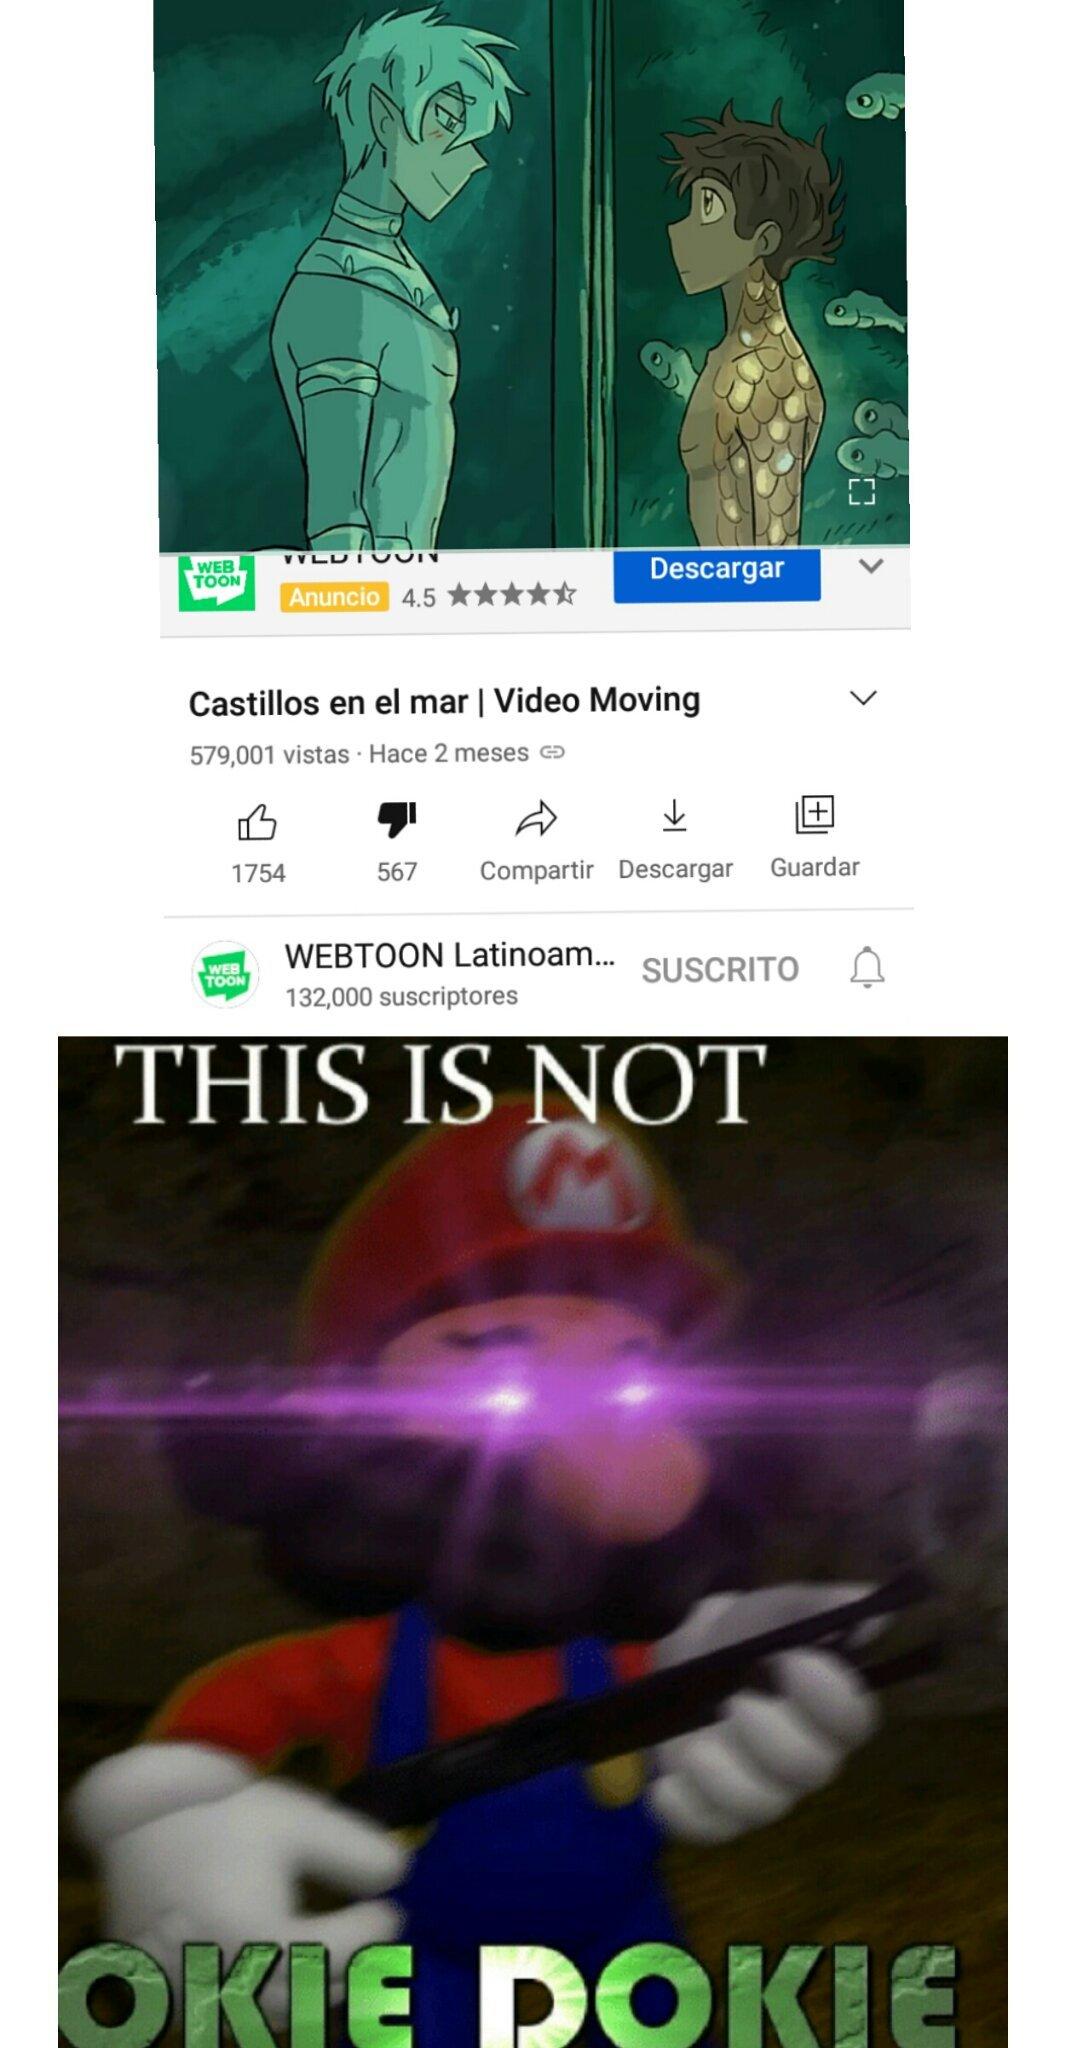 This is not okie dokie - meme